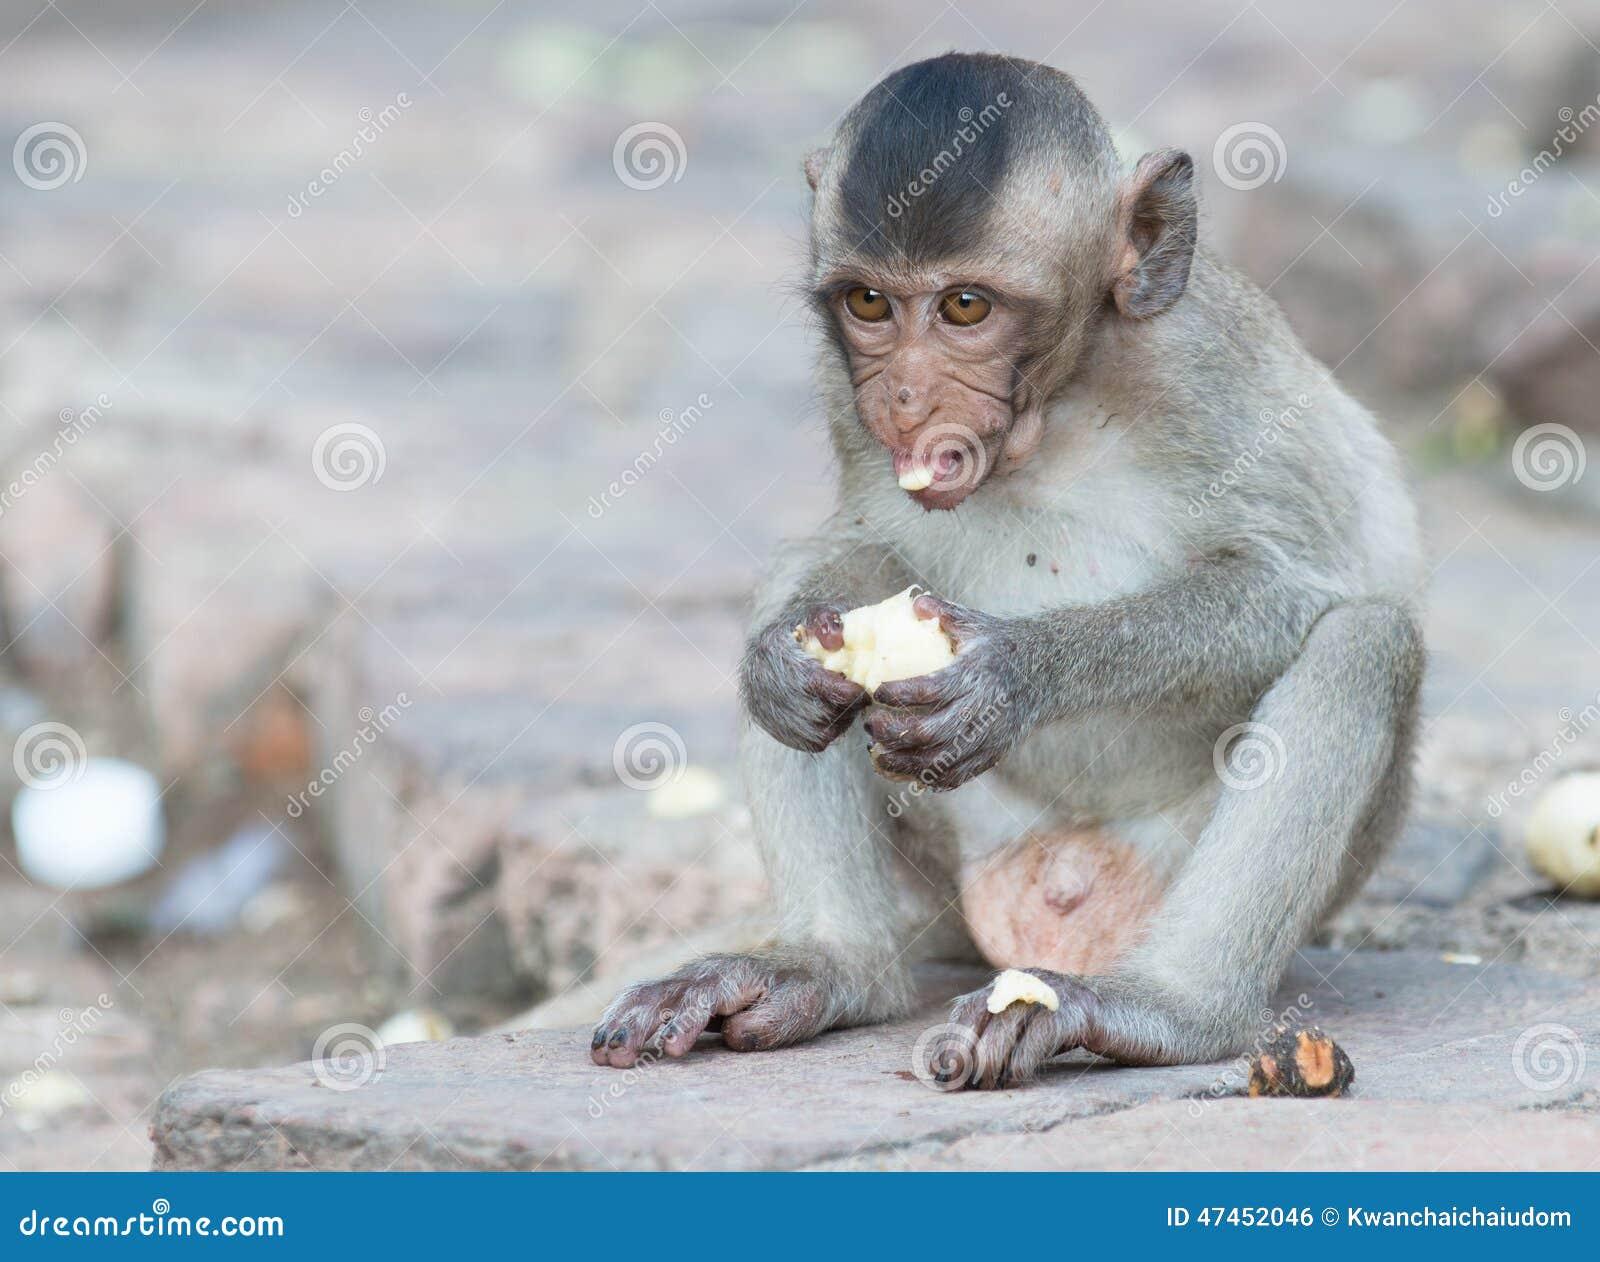 Finding prosperity by feeding monkeys analysis